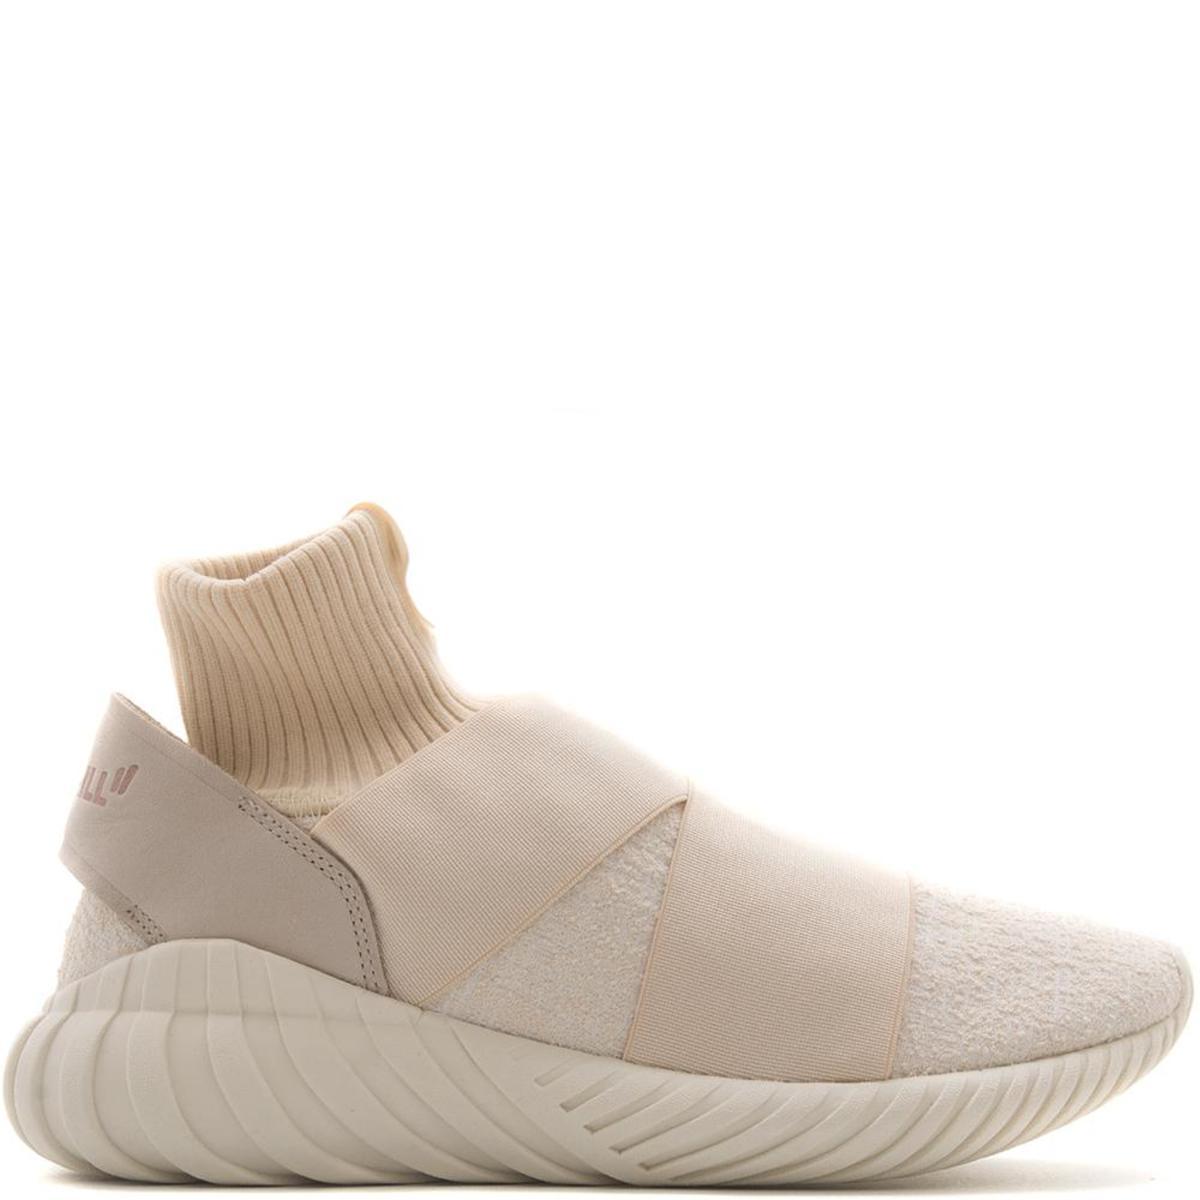 Consorcio de mujeres de Adidas zapatilla intercambio overkill x sus frutos